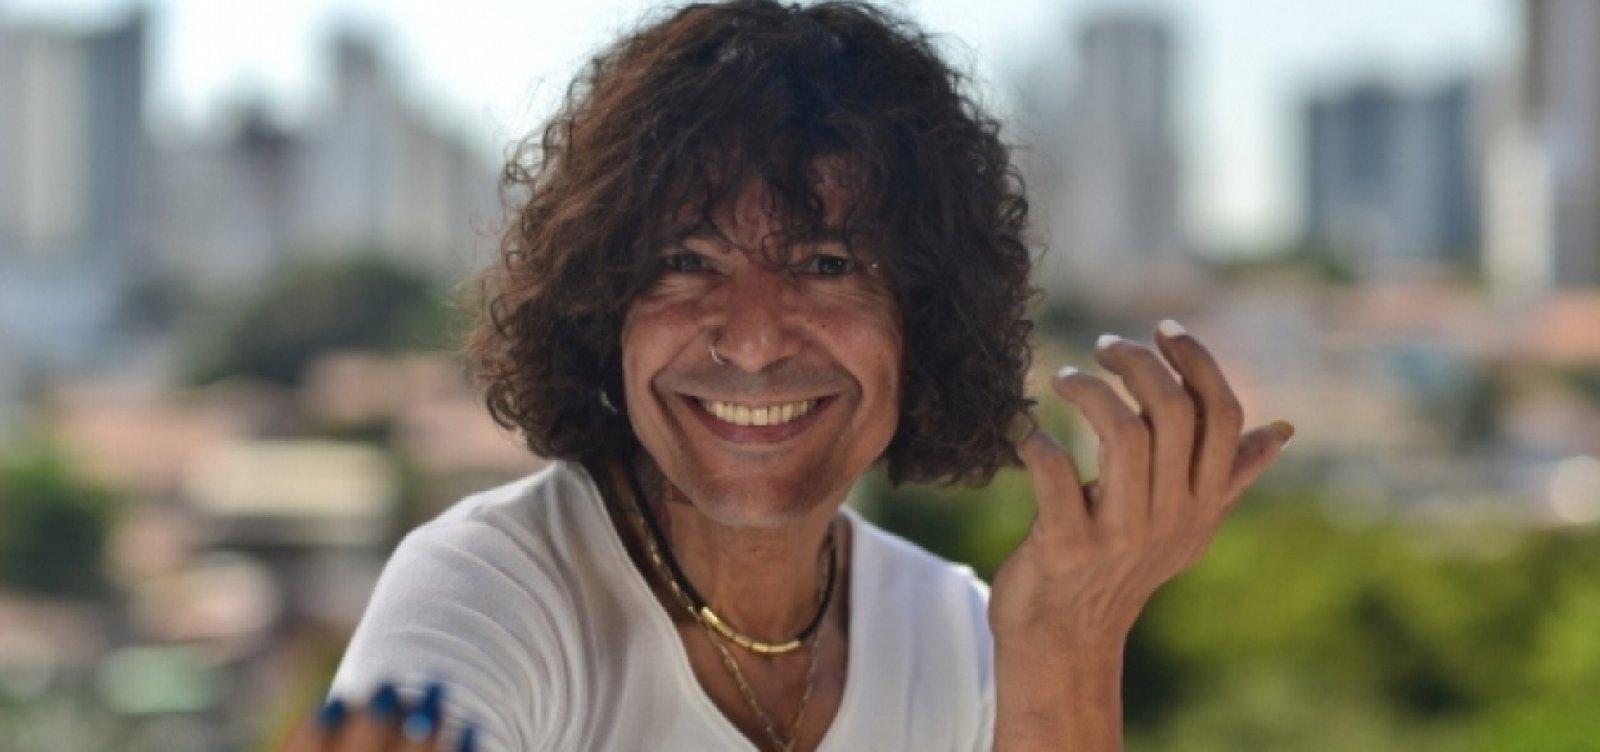 Torcedor do Bahia, Luiz Caldas reclama de 'parcialidade' de narrador do Premiere